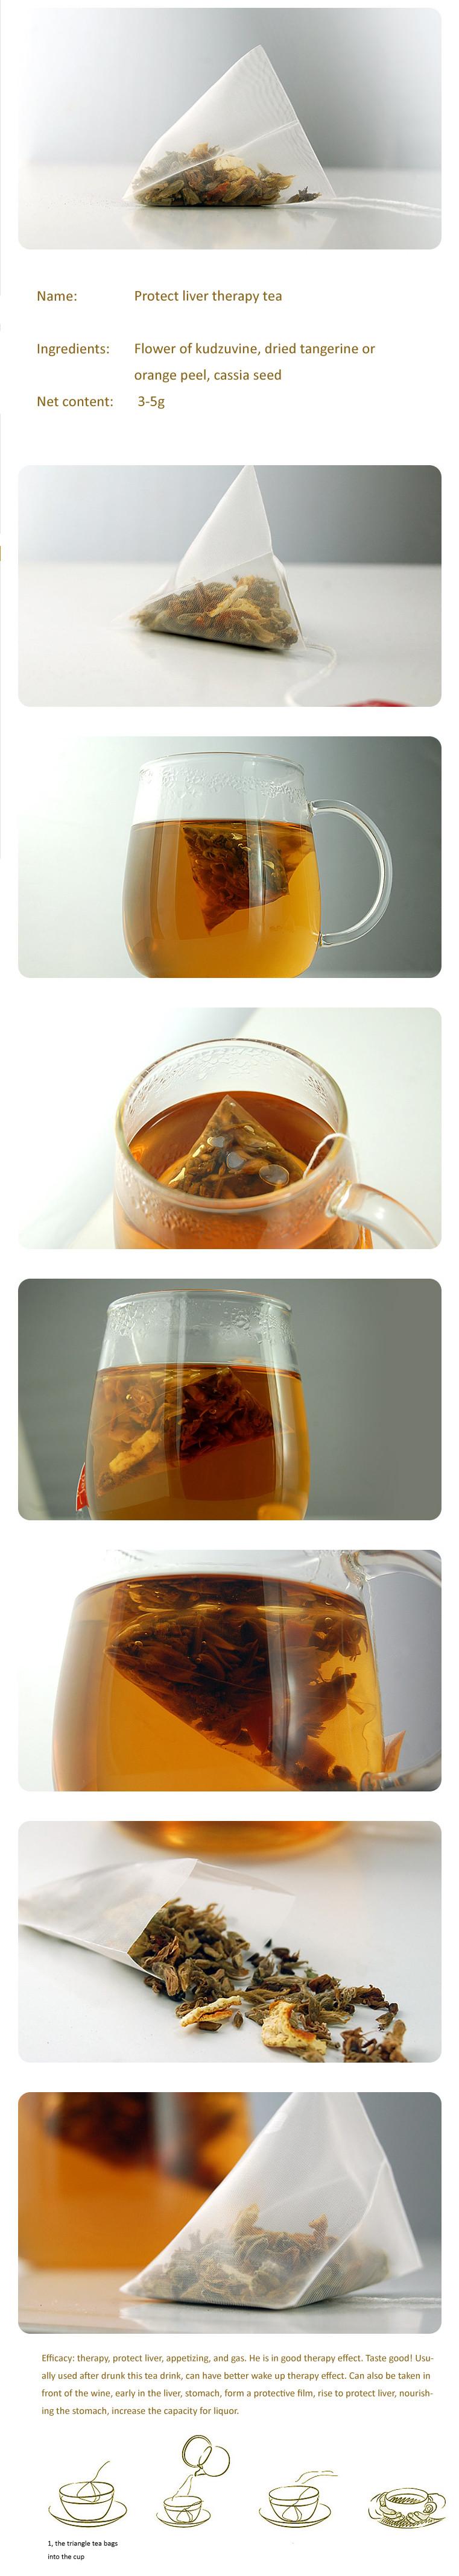 Proteger o fígado terapia chá Flor de kudzuvine tangerina secas ou casca de laranja sementes de cássia Pyramid saco de chá de Ervas de chá chá Triângulo CB4